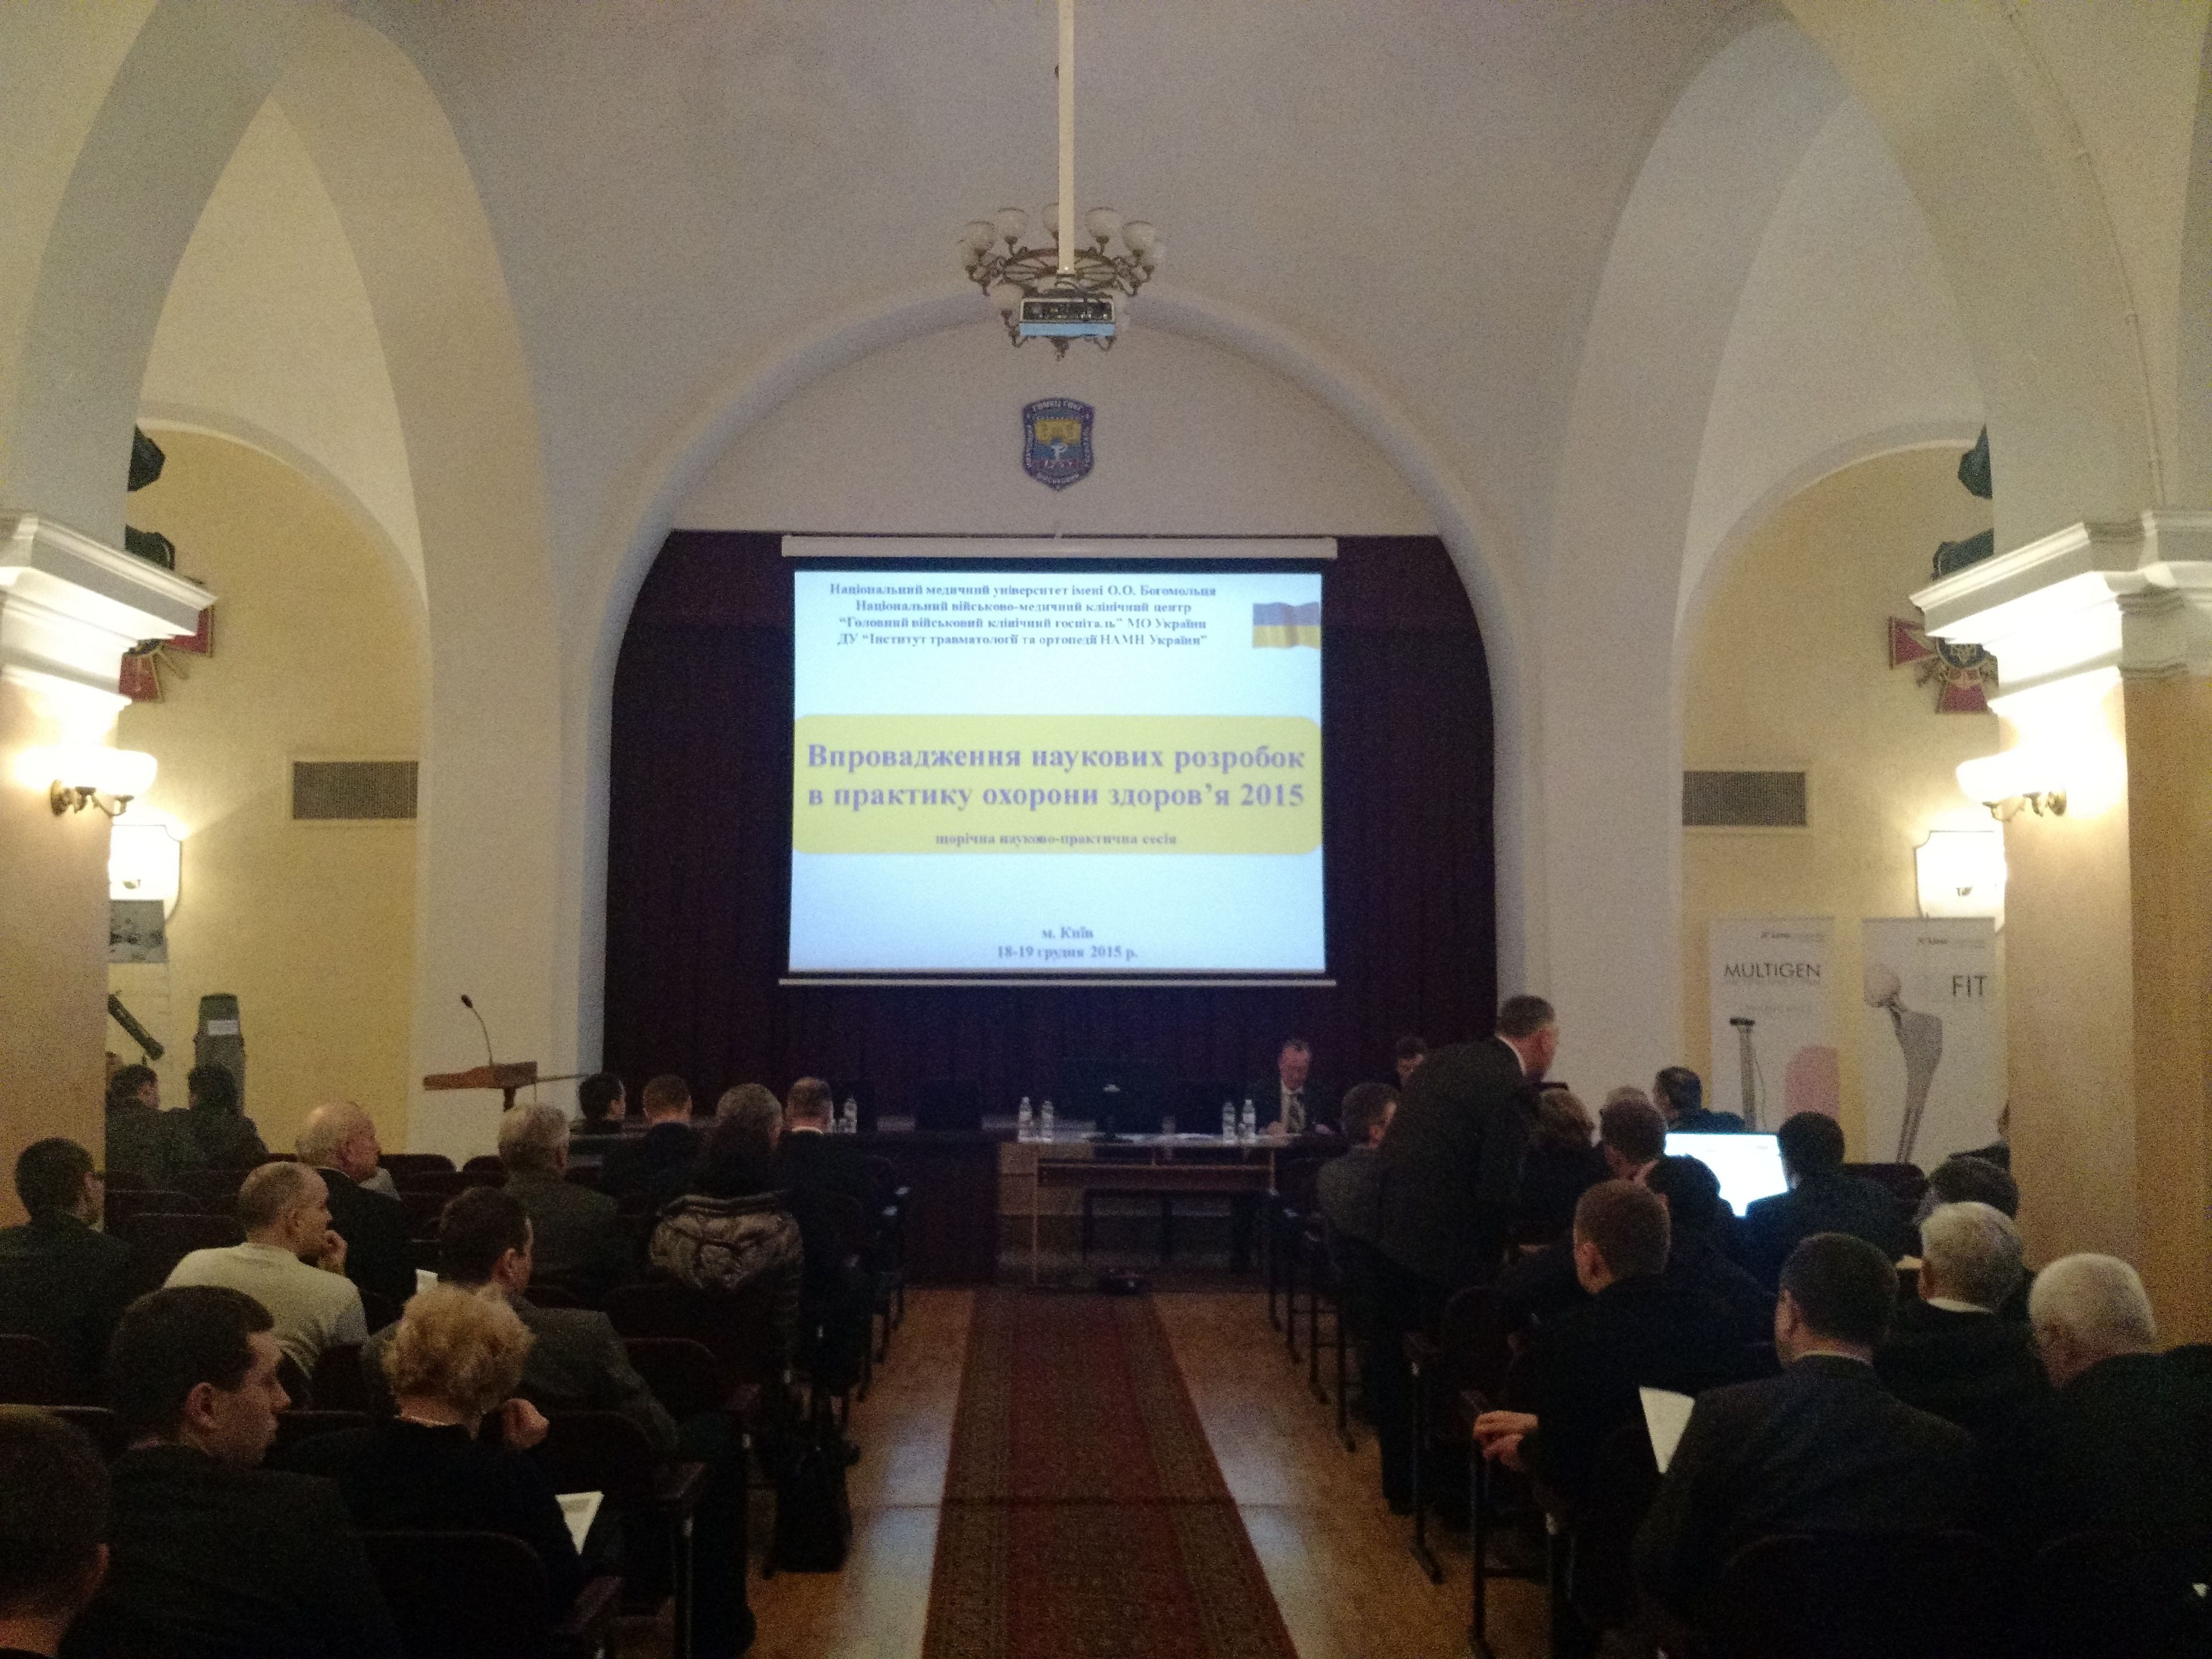 Ударно-волновая терапия на съезде травматологов в Киеве